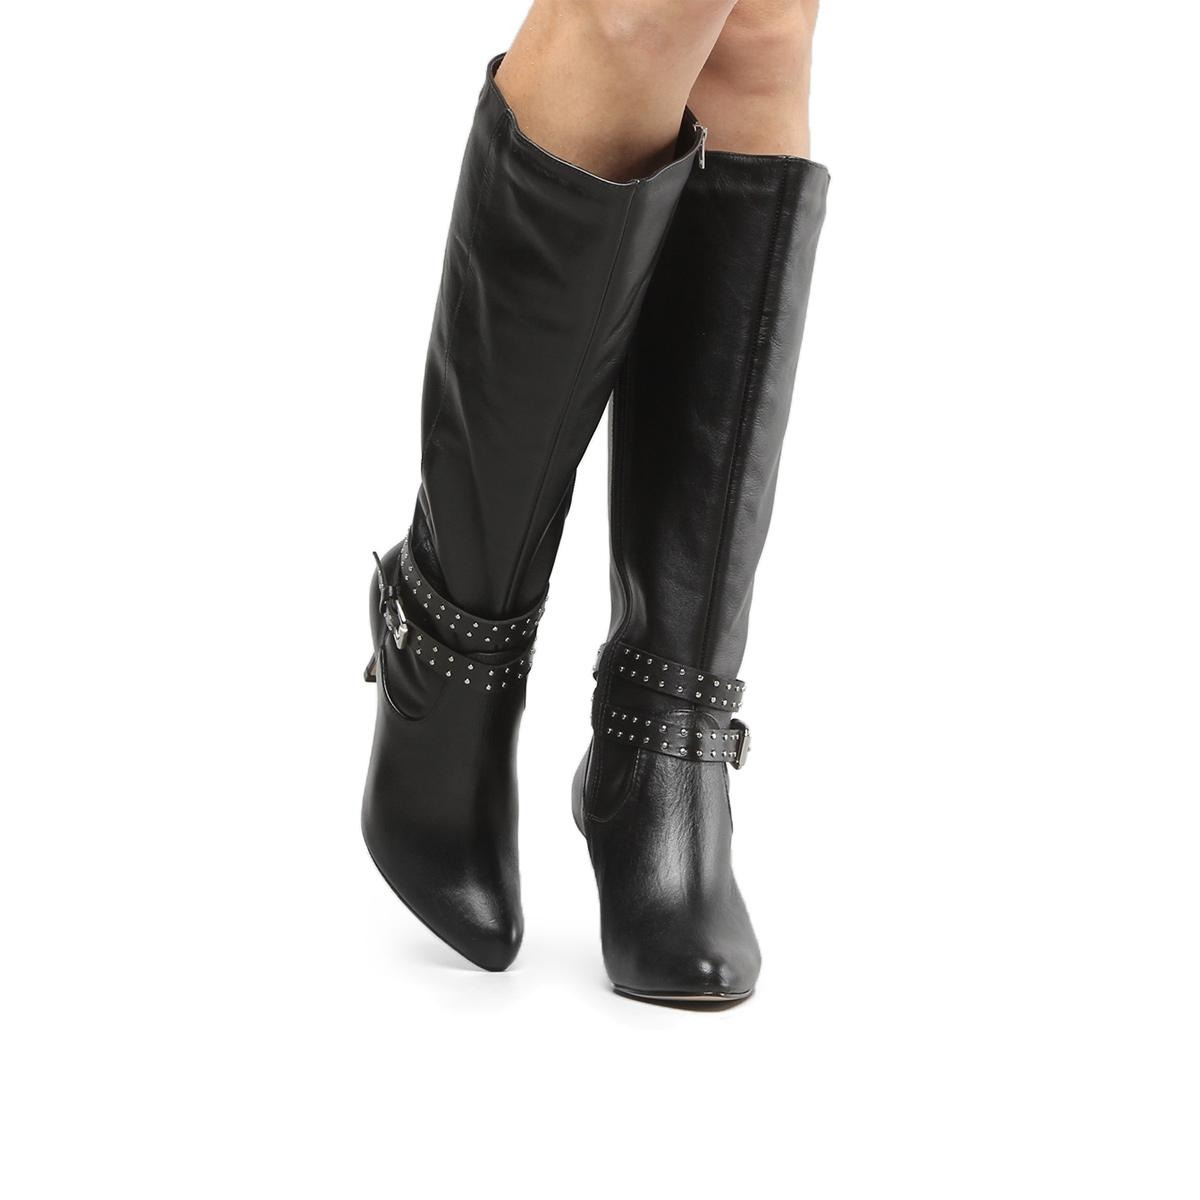 7f530bca2 Bota Couro Cano Alto Shoestock Tira Hotfix Feminina - R$ 299,90 em ...